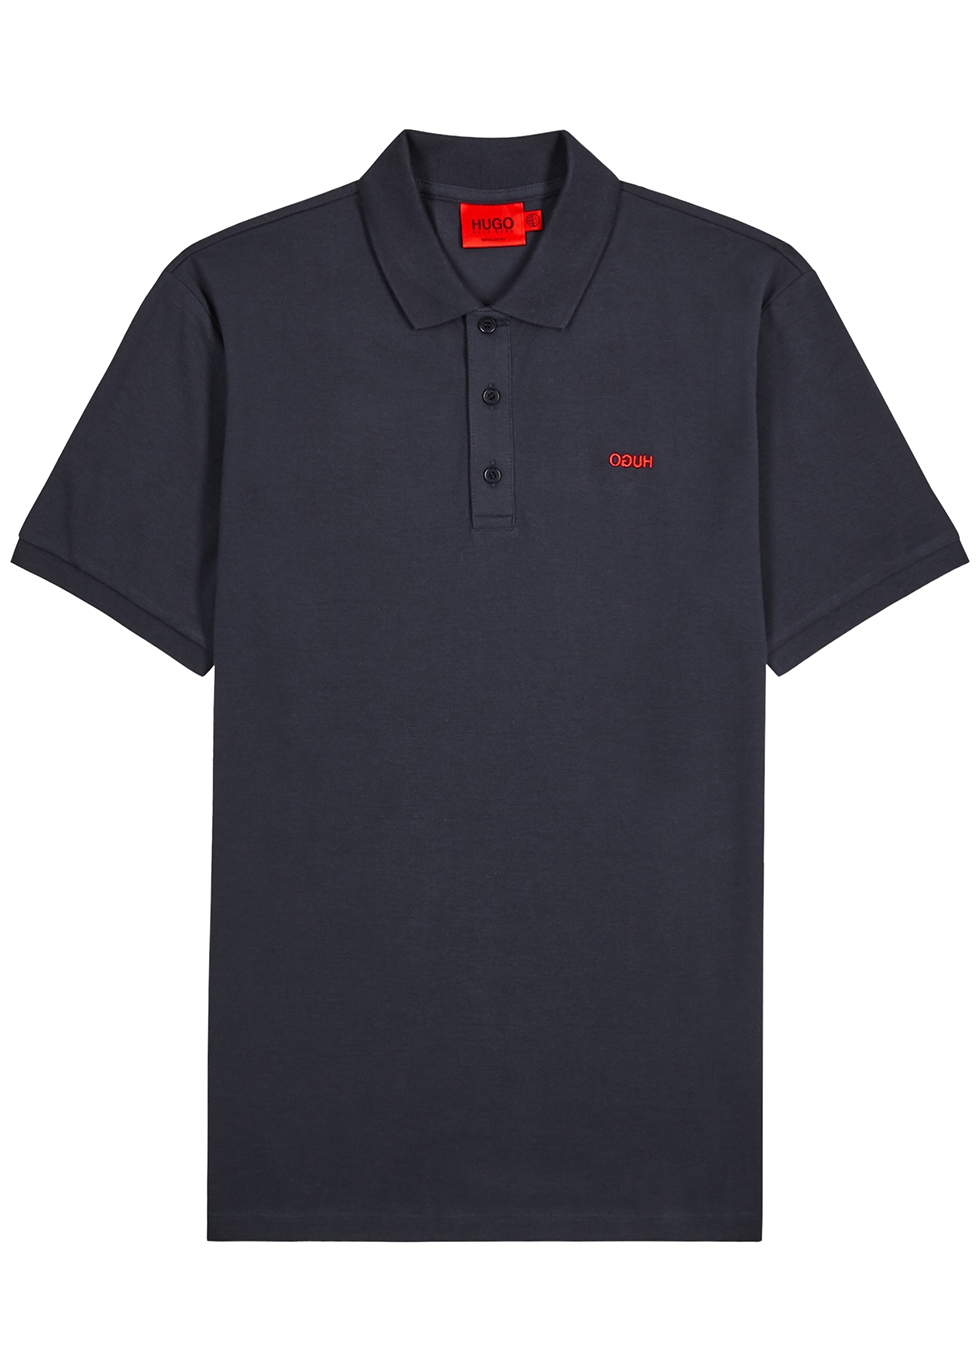 Donos navy piqué cotton polo shirt